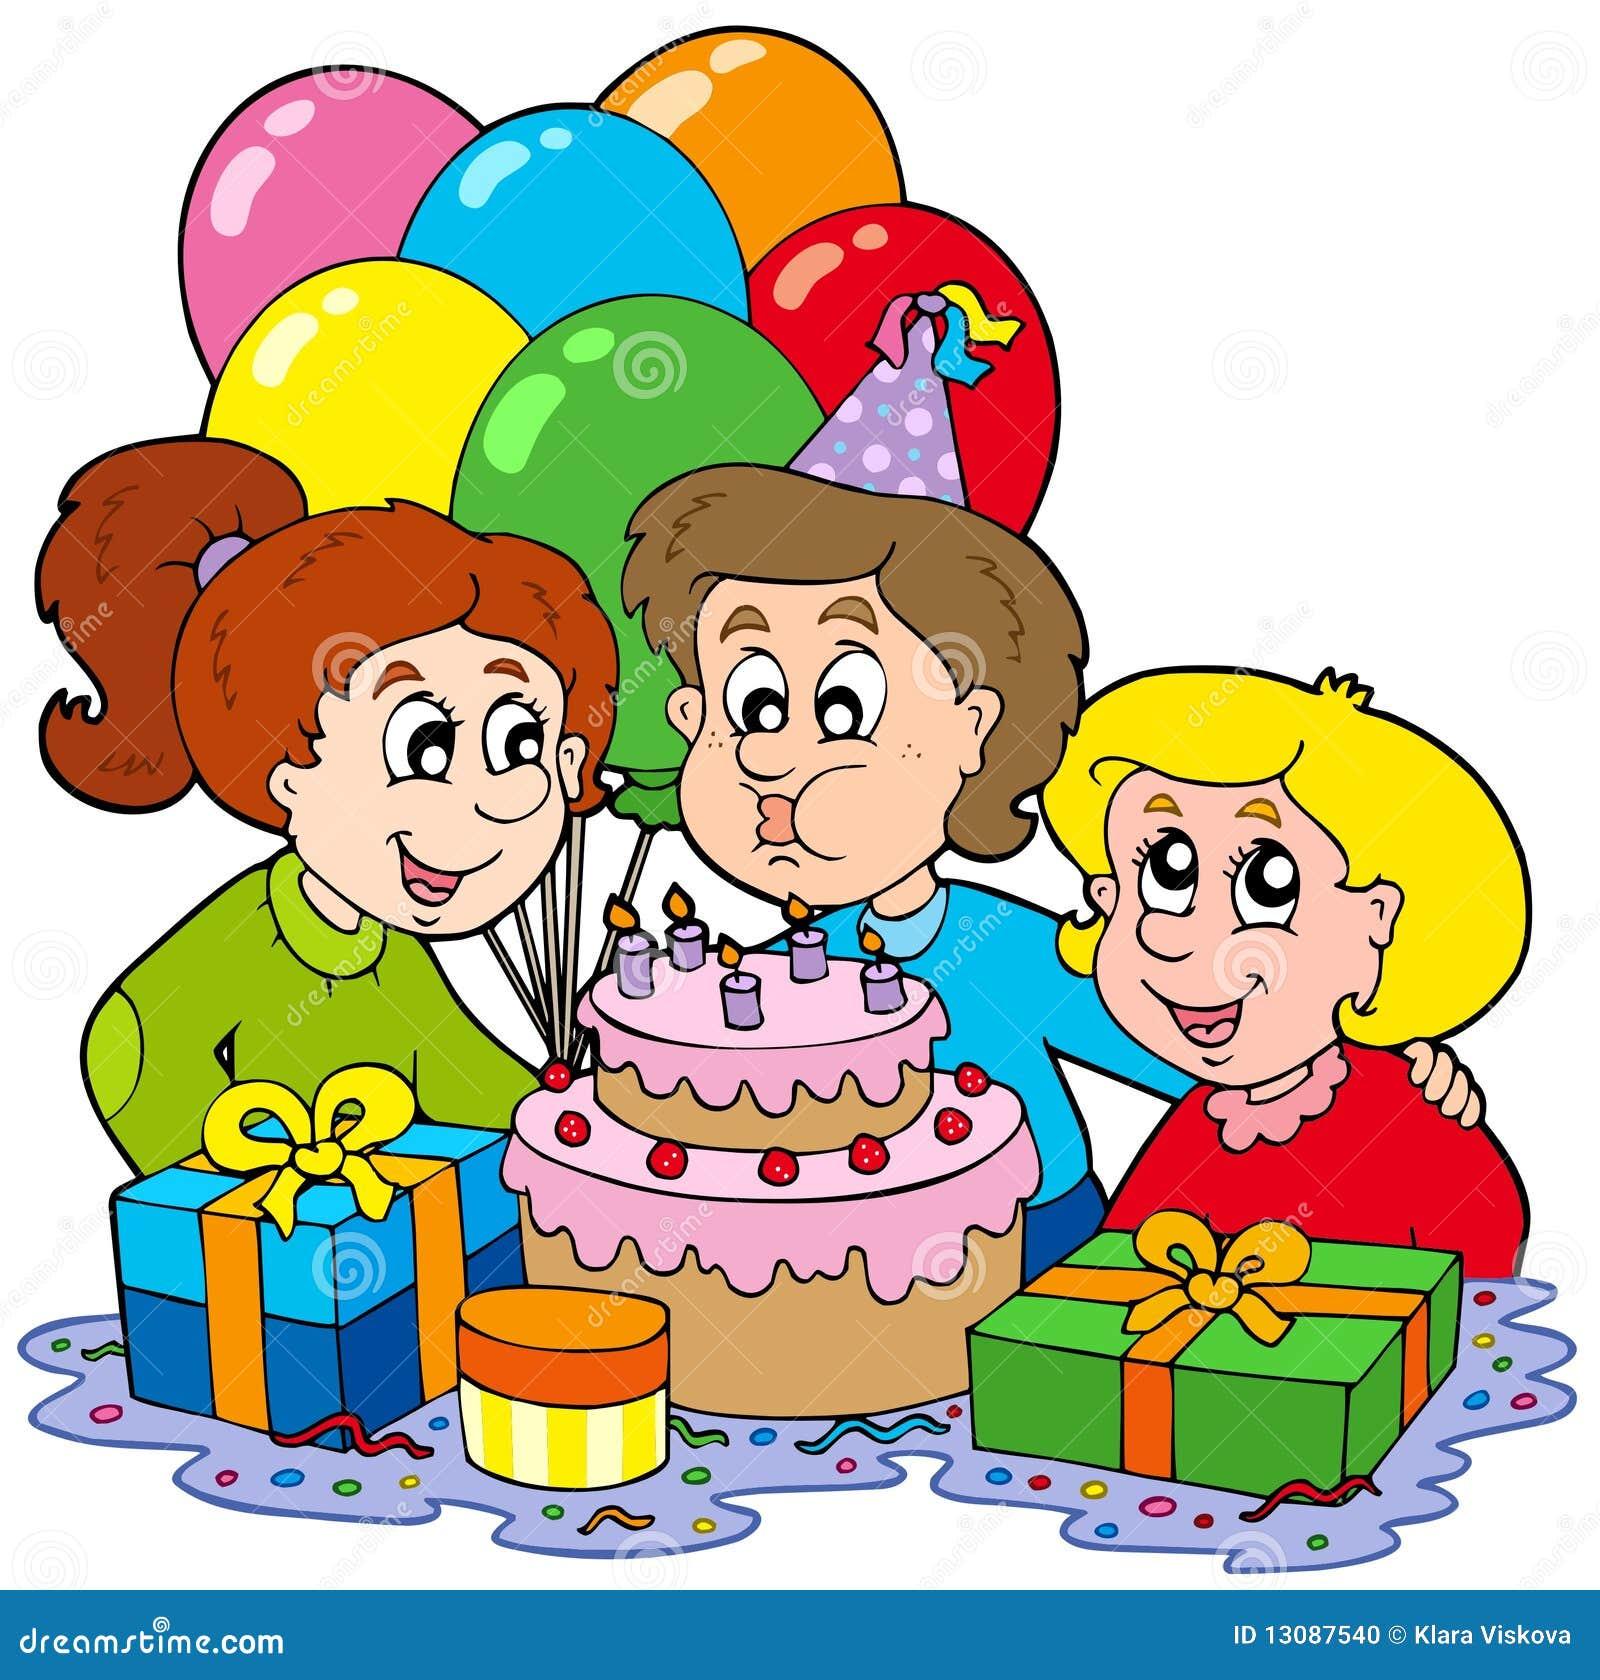 Drei Kinder An Der Geburtstagsfeier Stockfoto - Bild: 13087540